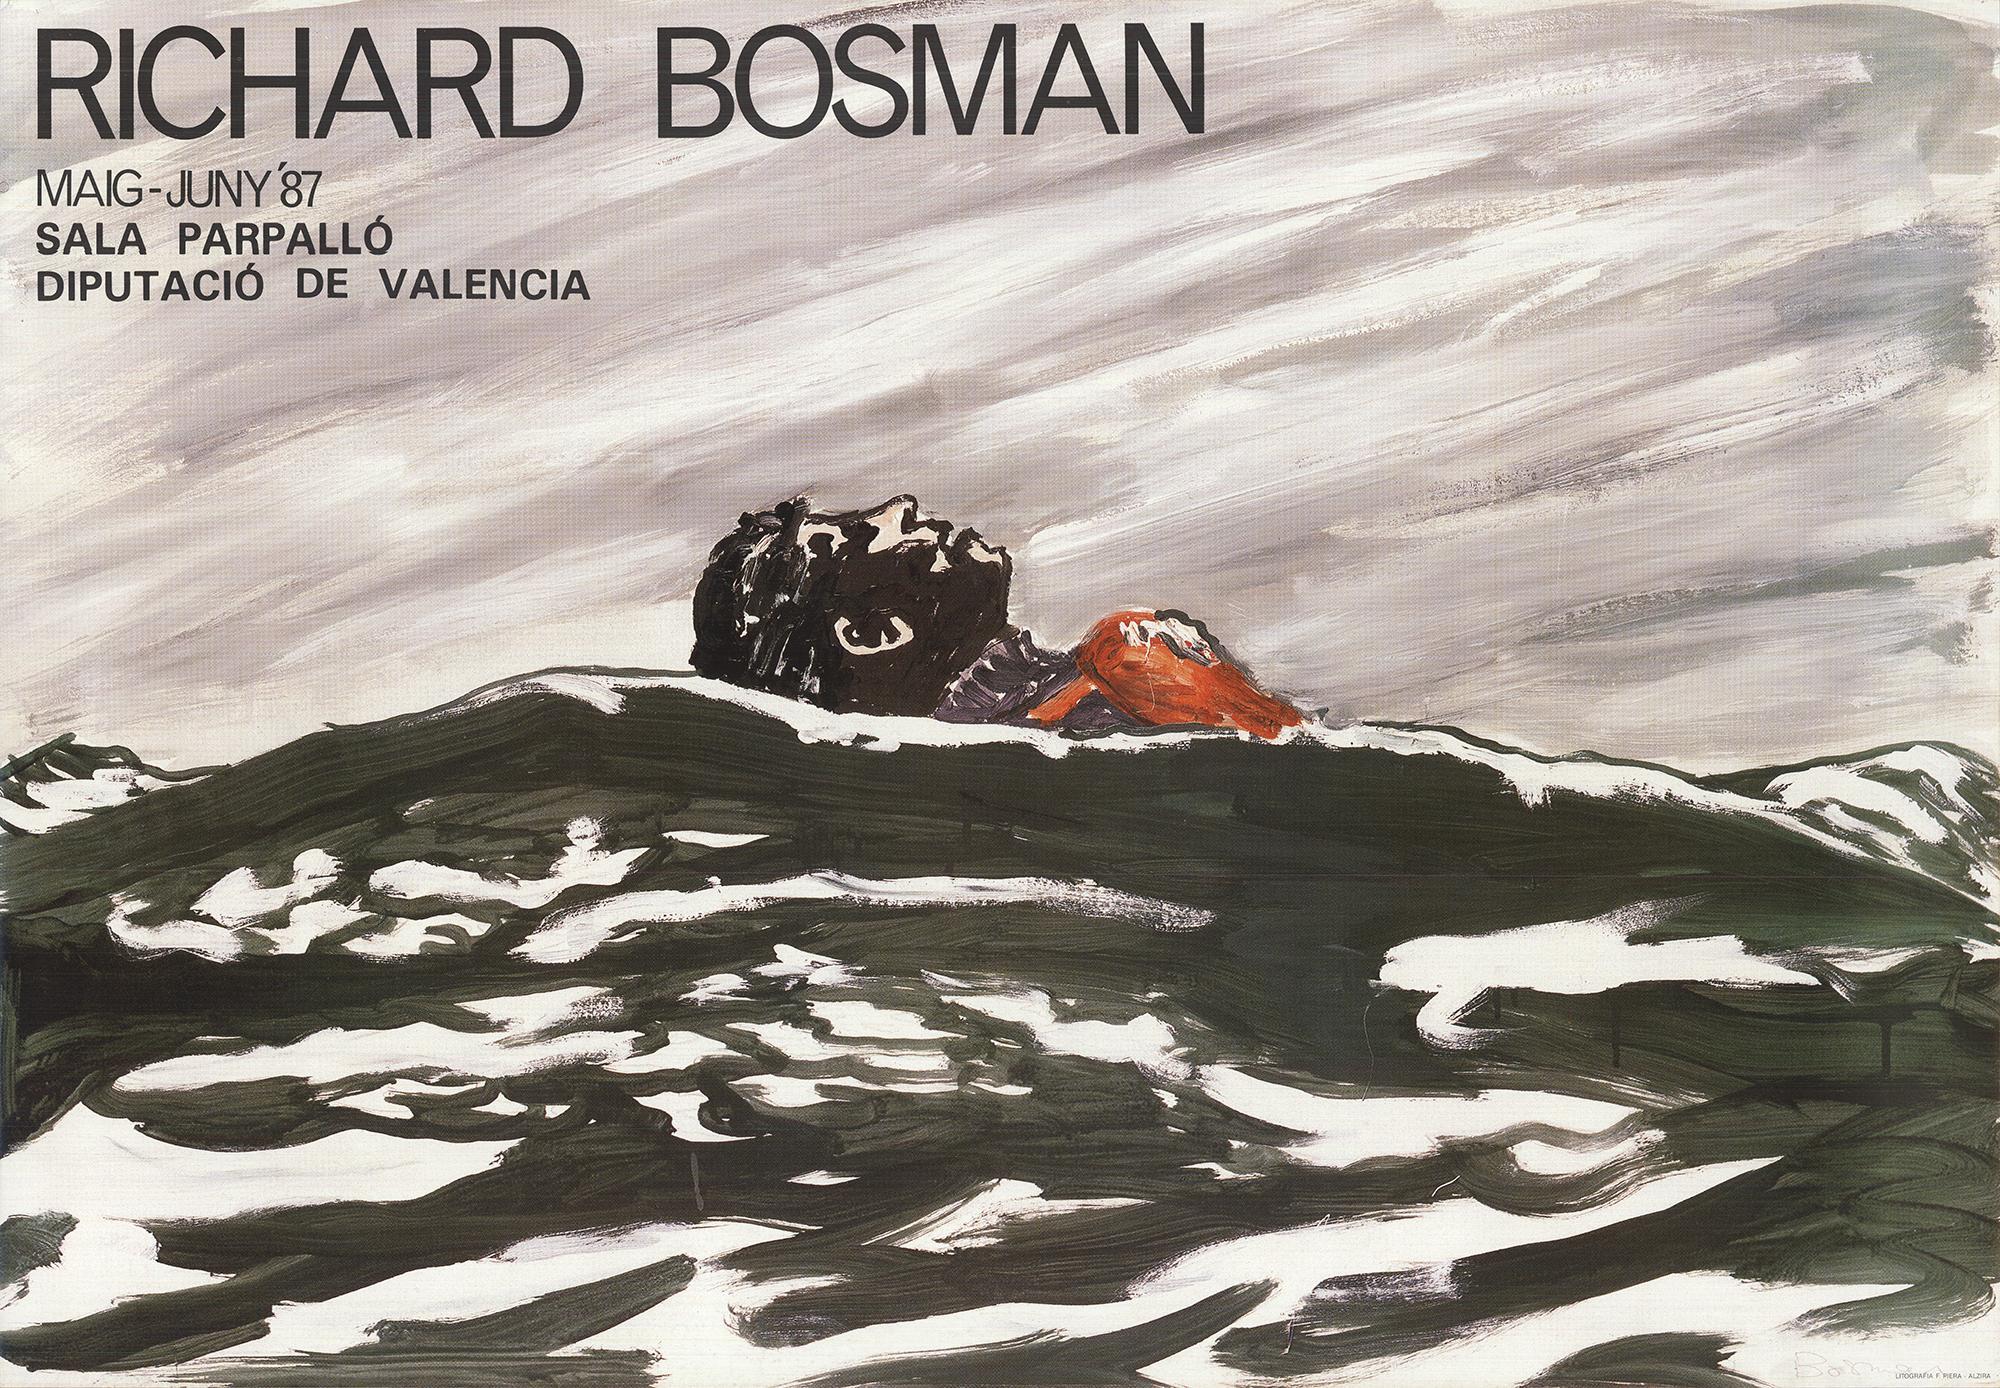 1987 After Richard Bosman 'Sala Parpalló, Diputació de València'